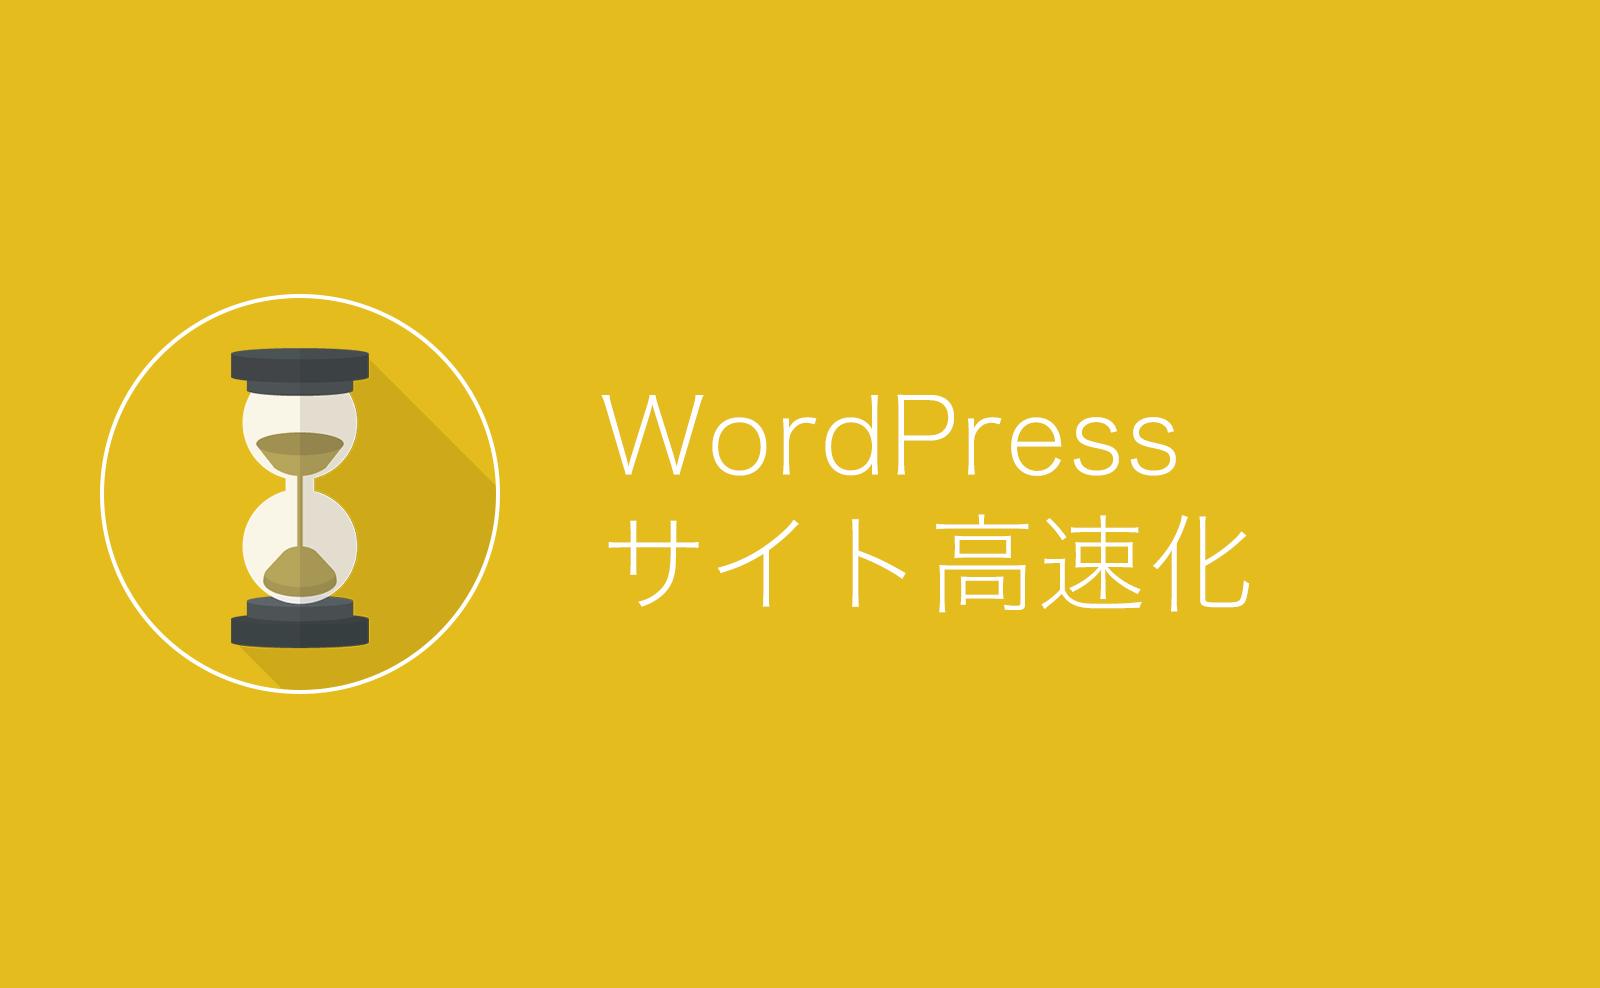 WordPressサイト高速化!PageSpeed Insights100点の為にやったこと・わかったこと